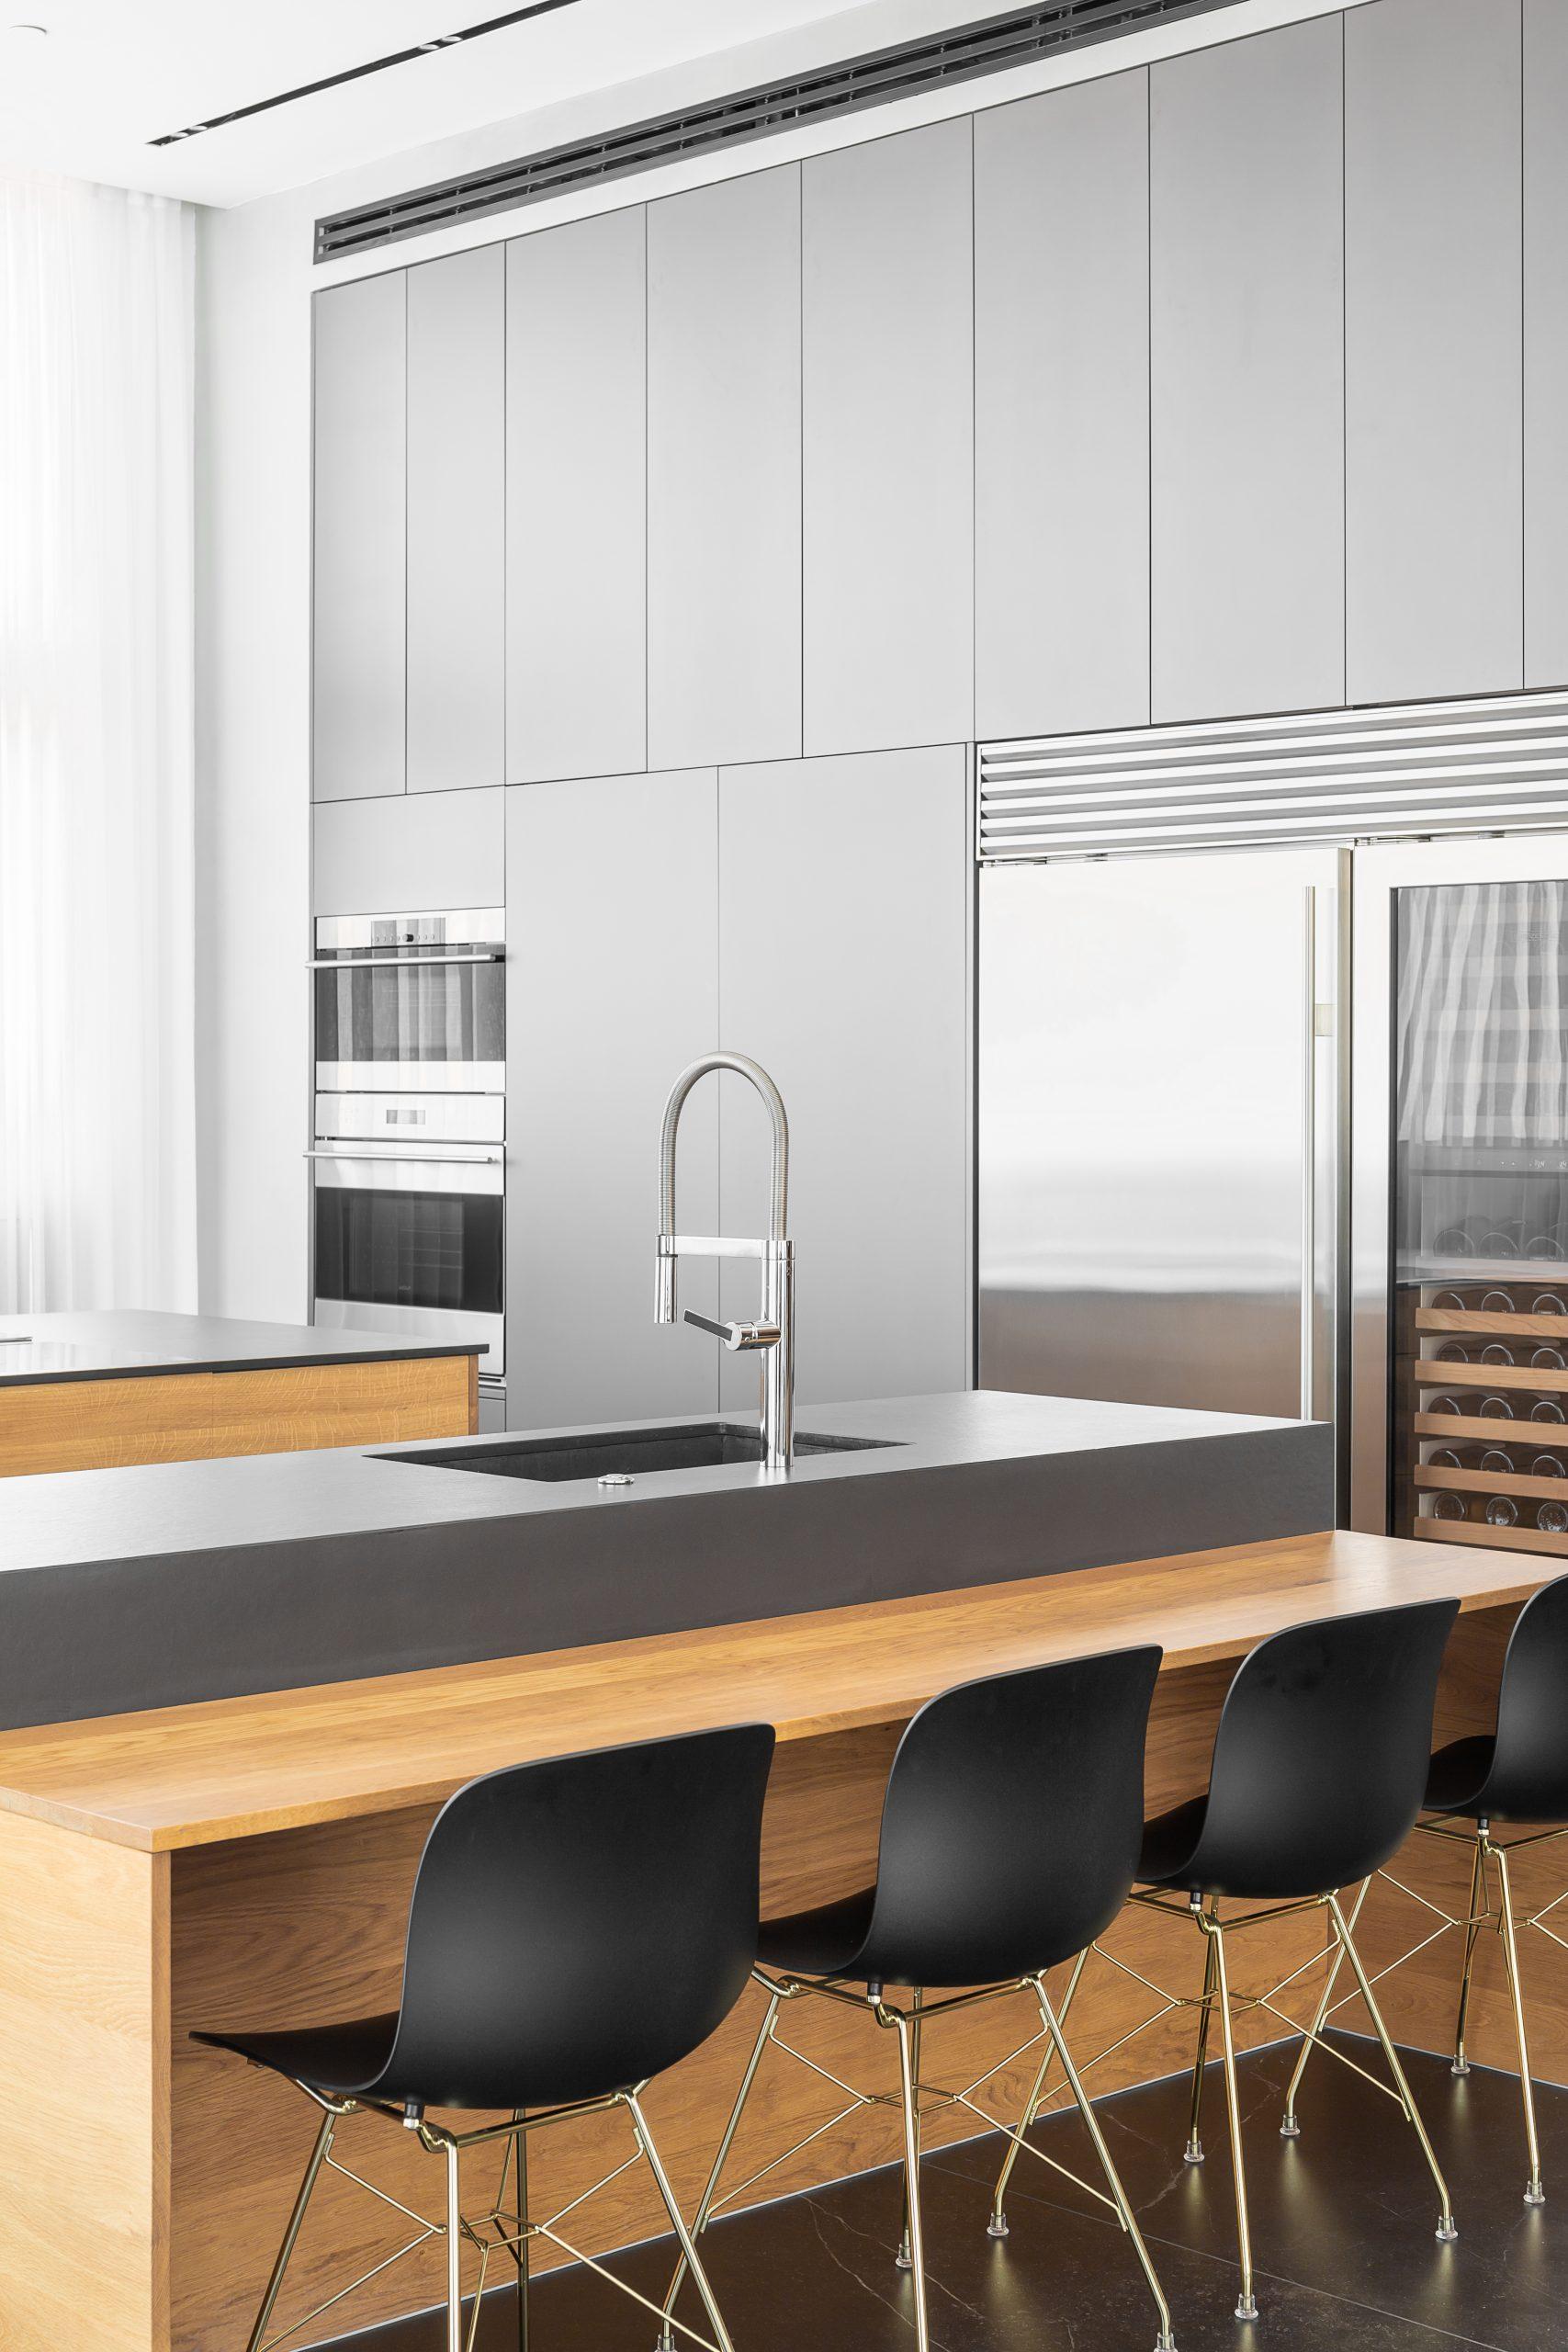 מטבח אפור עיצוב אדריכלי מקצועי